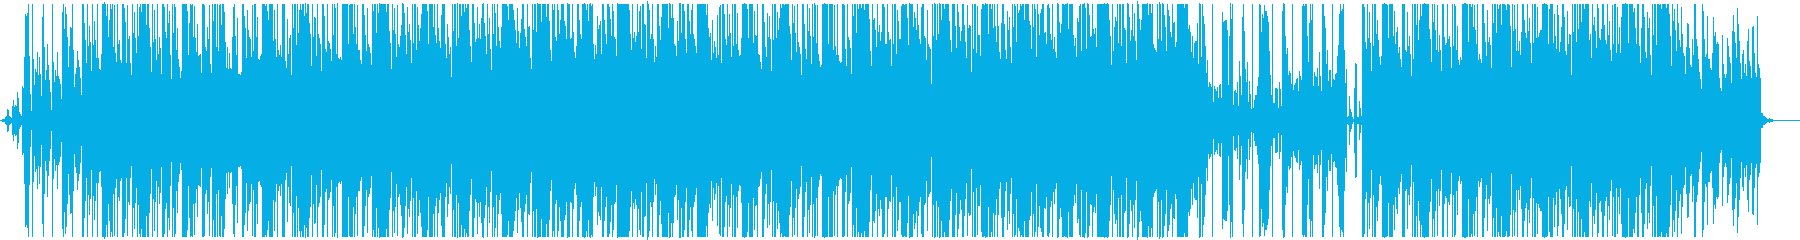 可愛らしいシンセと木琴、ミニマル、チープの再生済みの波形